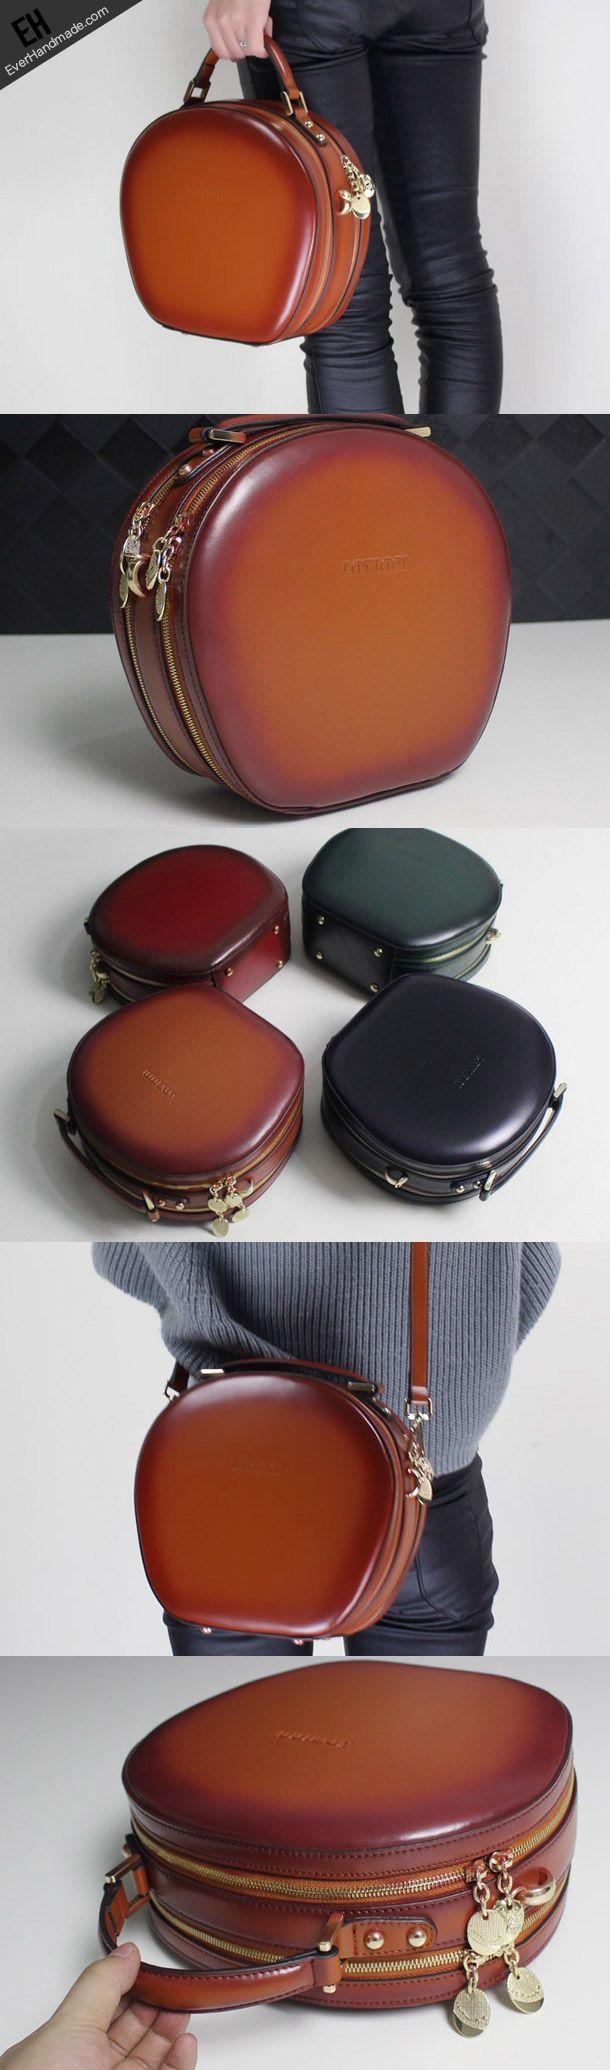 Handmade Leather handbag shoulder bag brown black for women leather crossbody bag